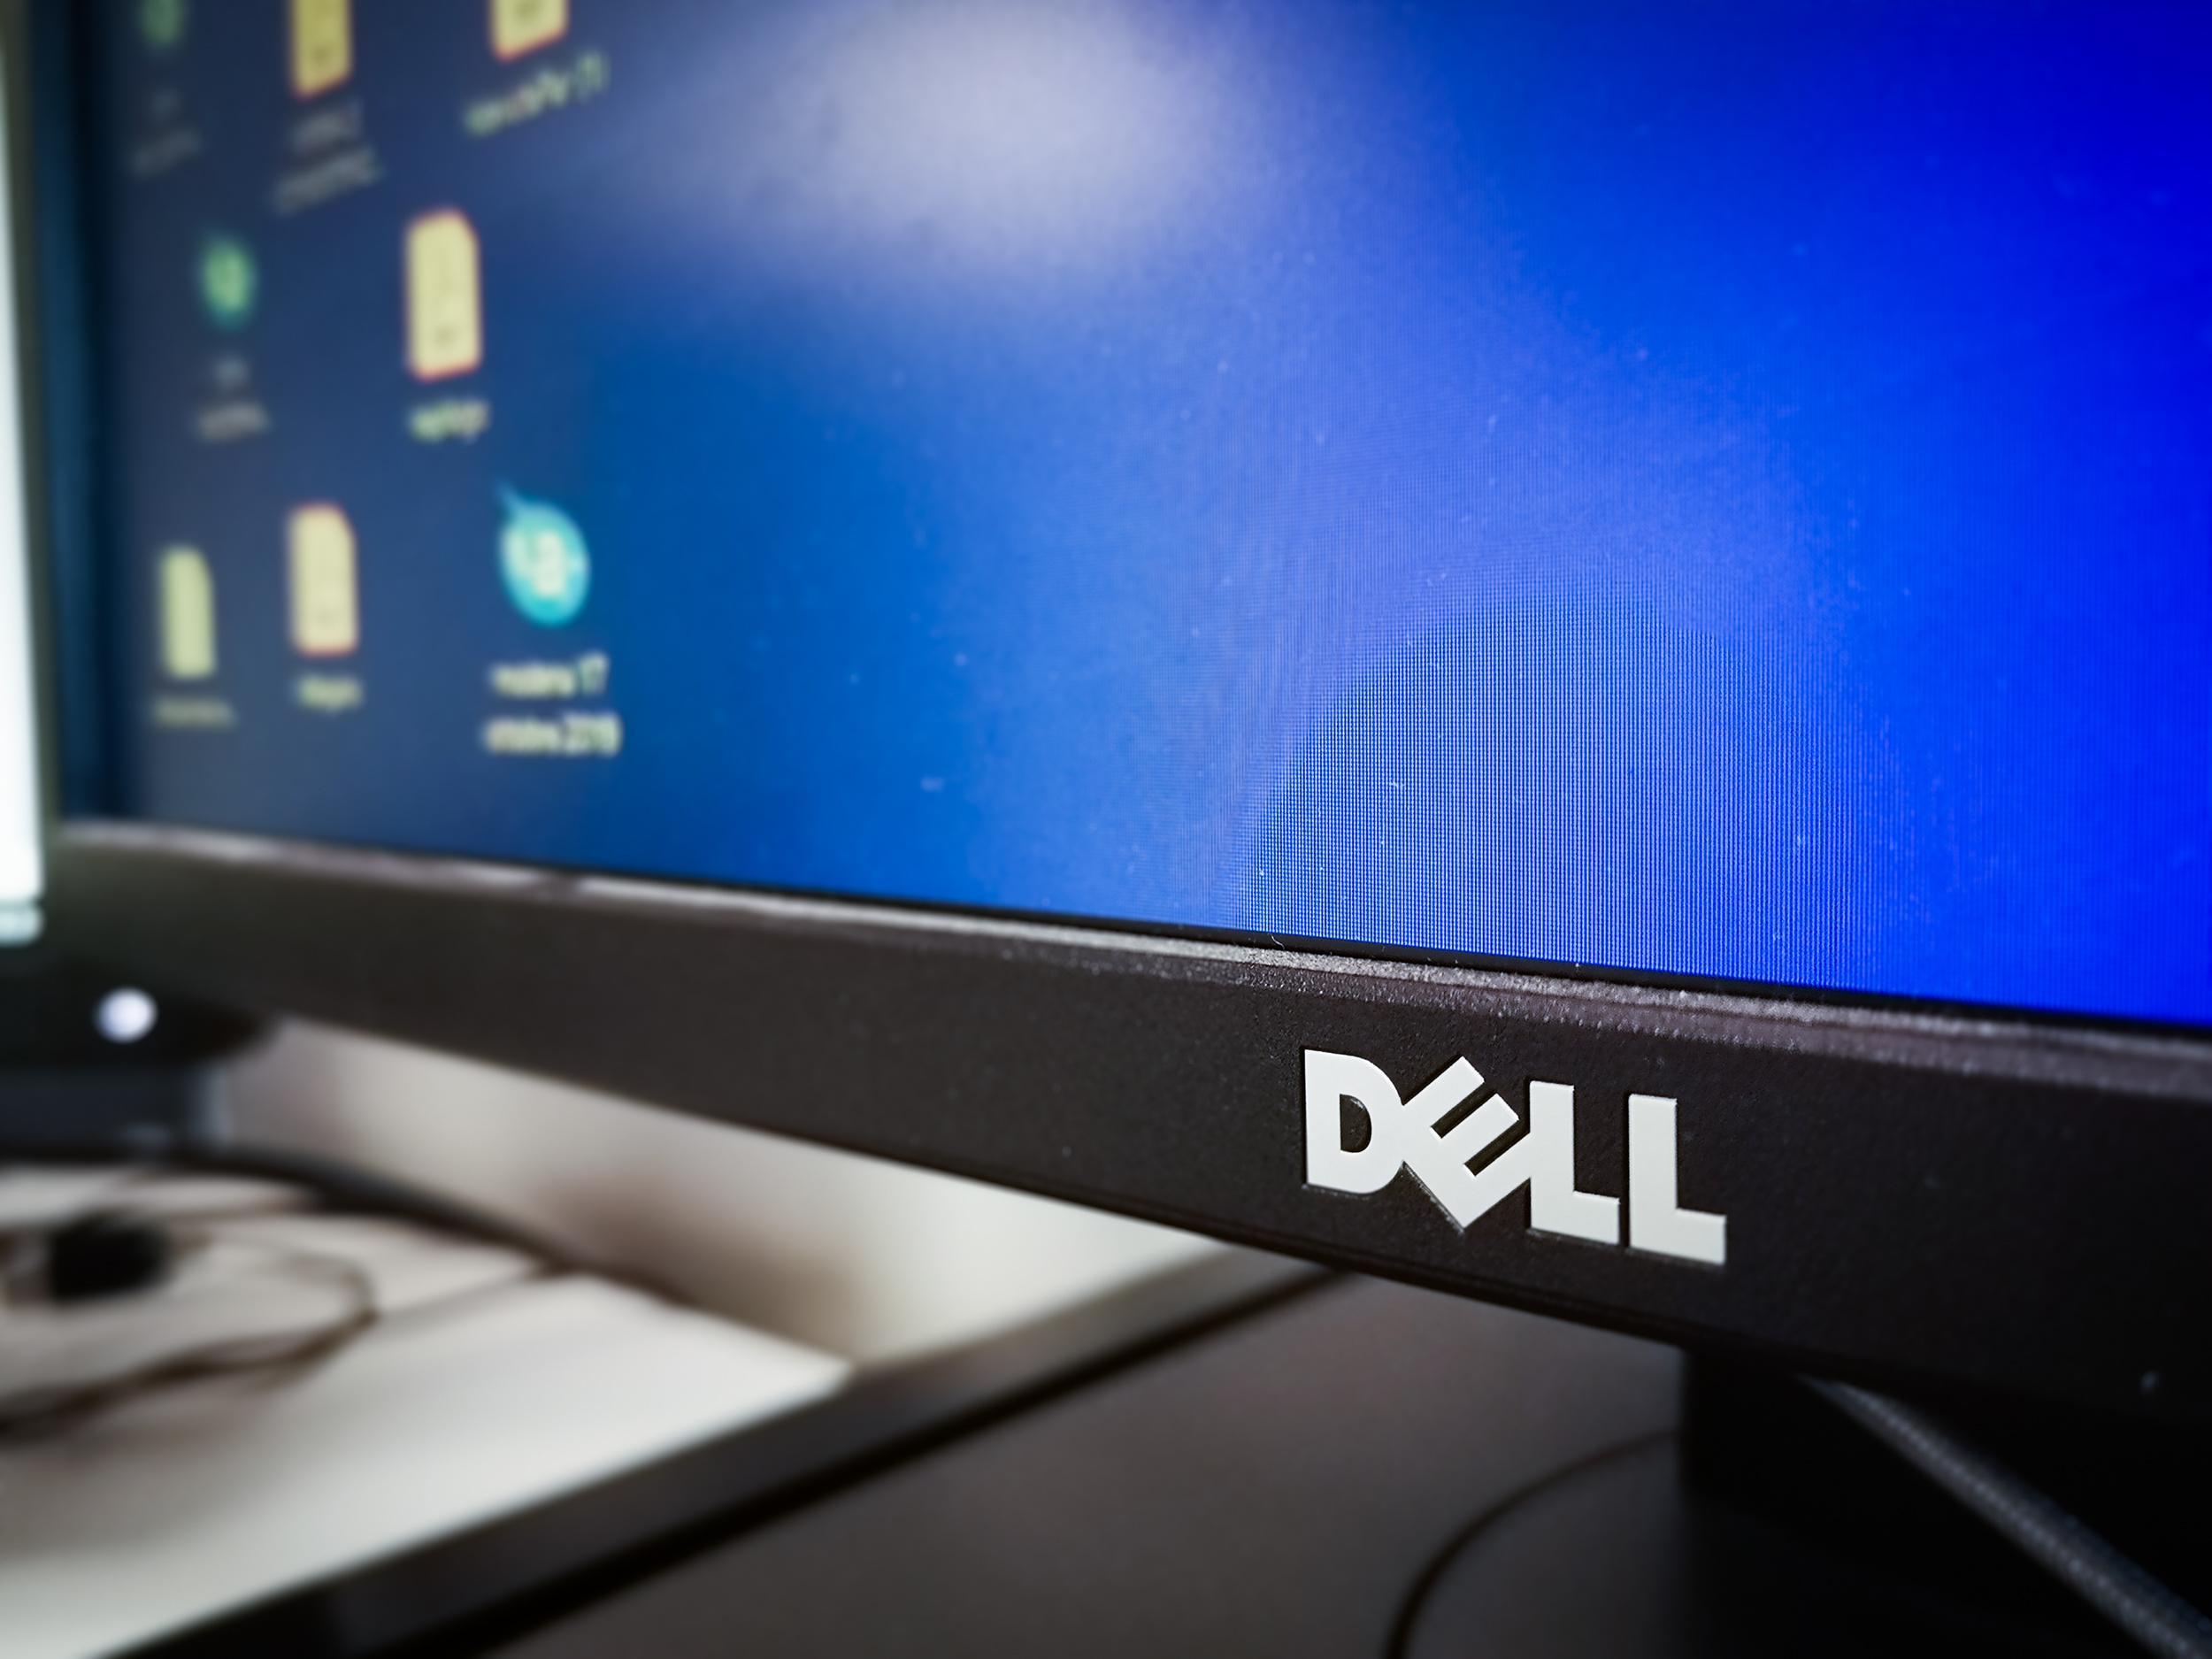 uploads///Dell stock